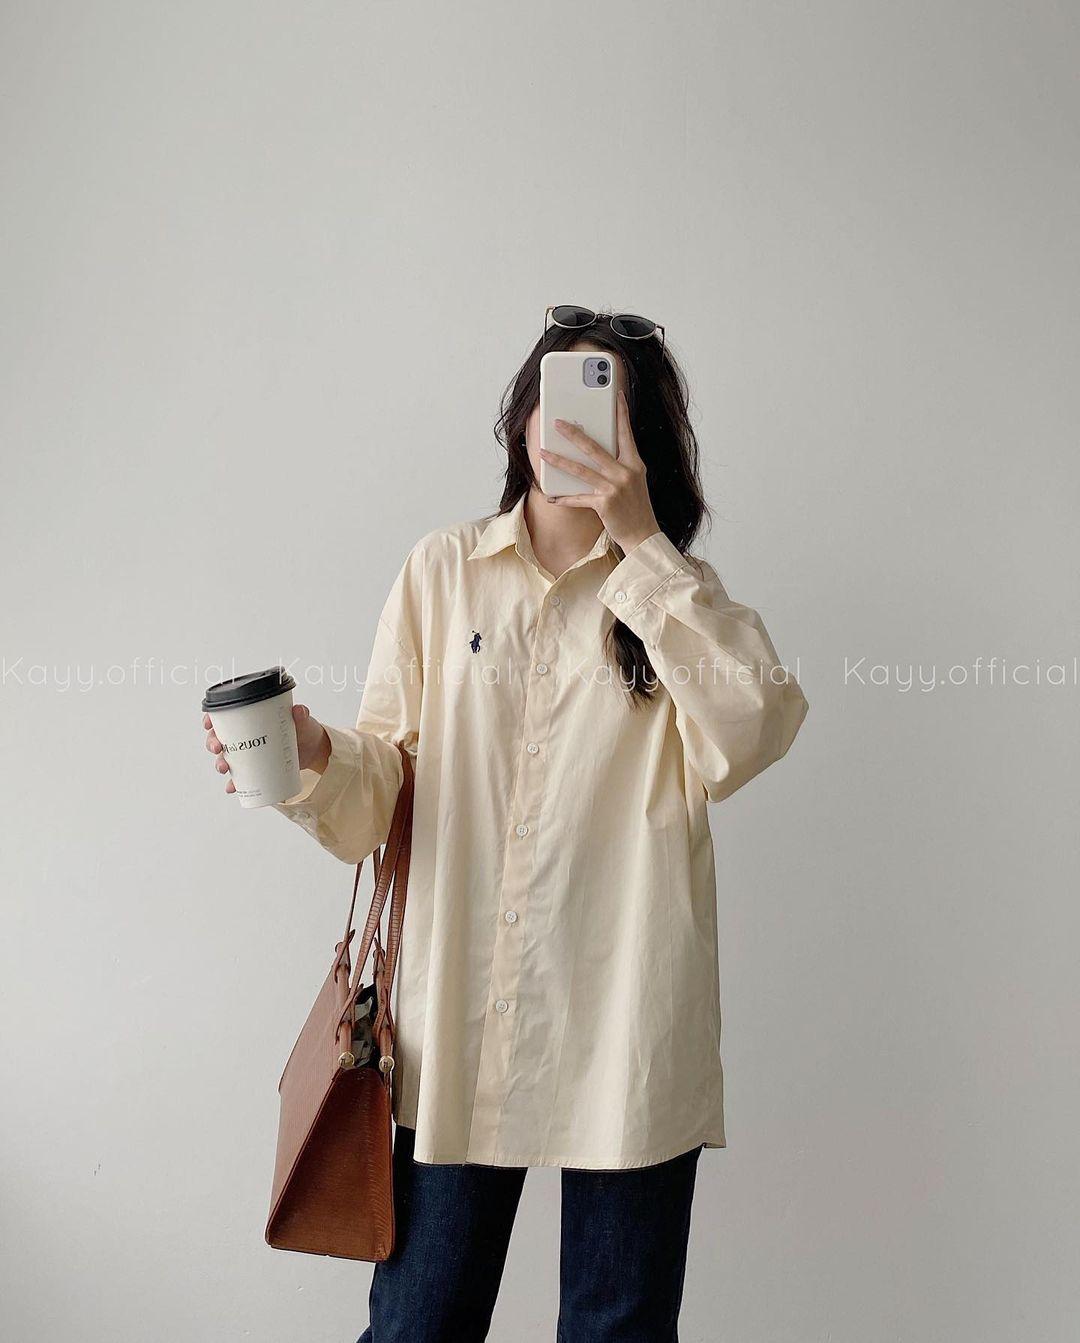 Tổng hợp áo sơ mi oversize đỉnh nhất các shop: Ai muốn style xịn chuẩn Hàn tậu ngay - Ảnh 7.